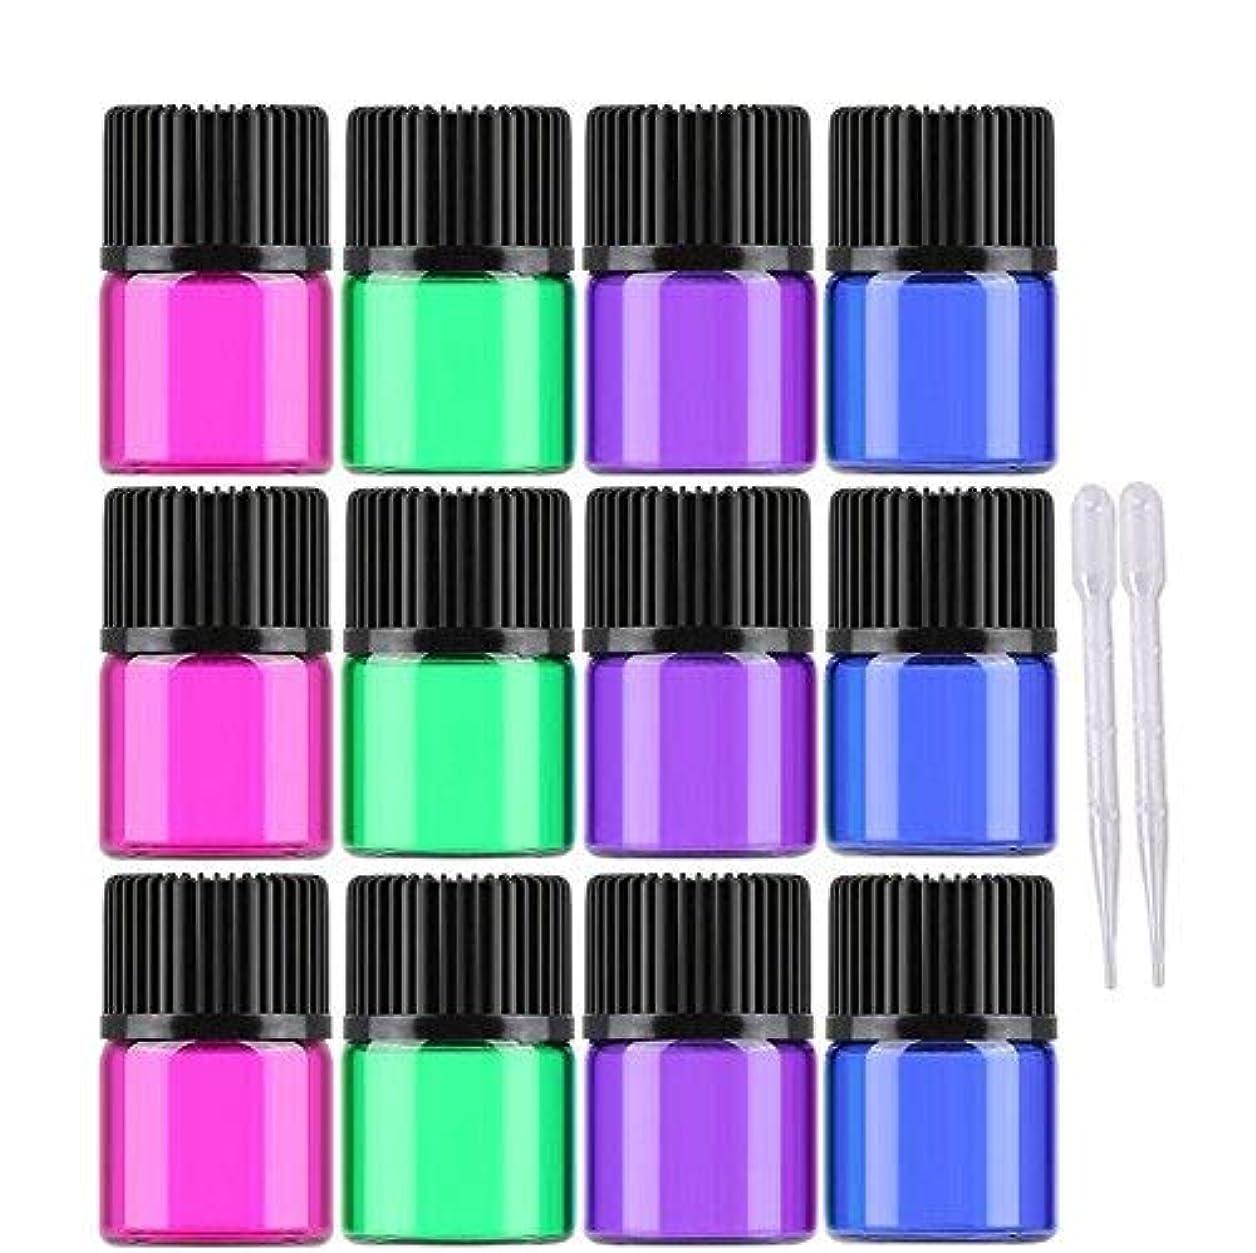 扇動クリスマス投げ捨てる30 Pcs Essential oil Glass Bottles 1ml/2ml/3ml Mini Multicolor(blue,green,pink,purple) Empty Liquid Sample Vials...